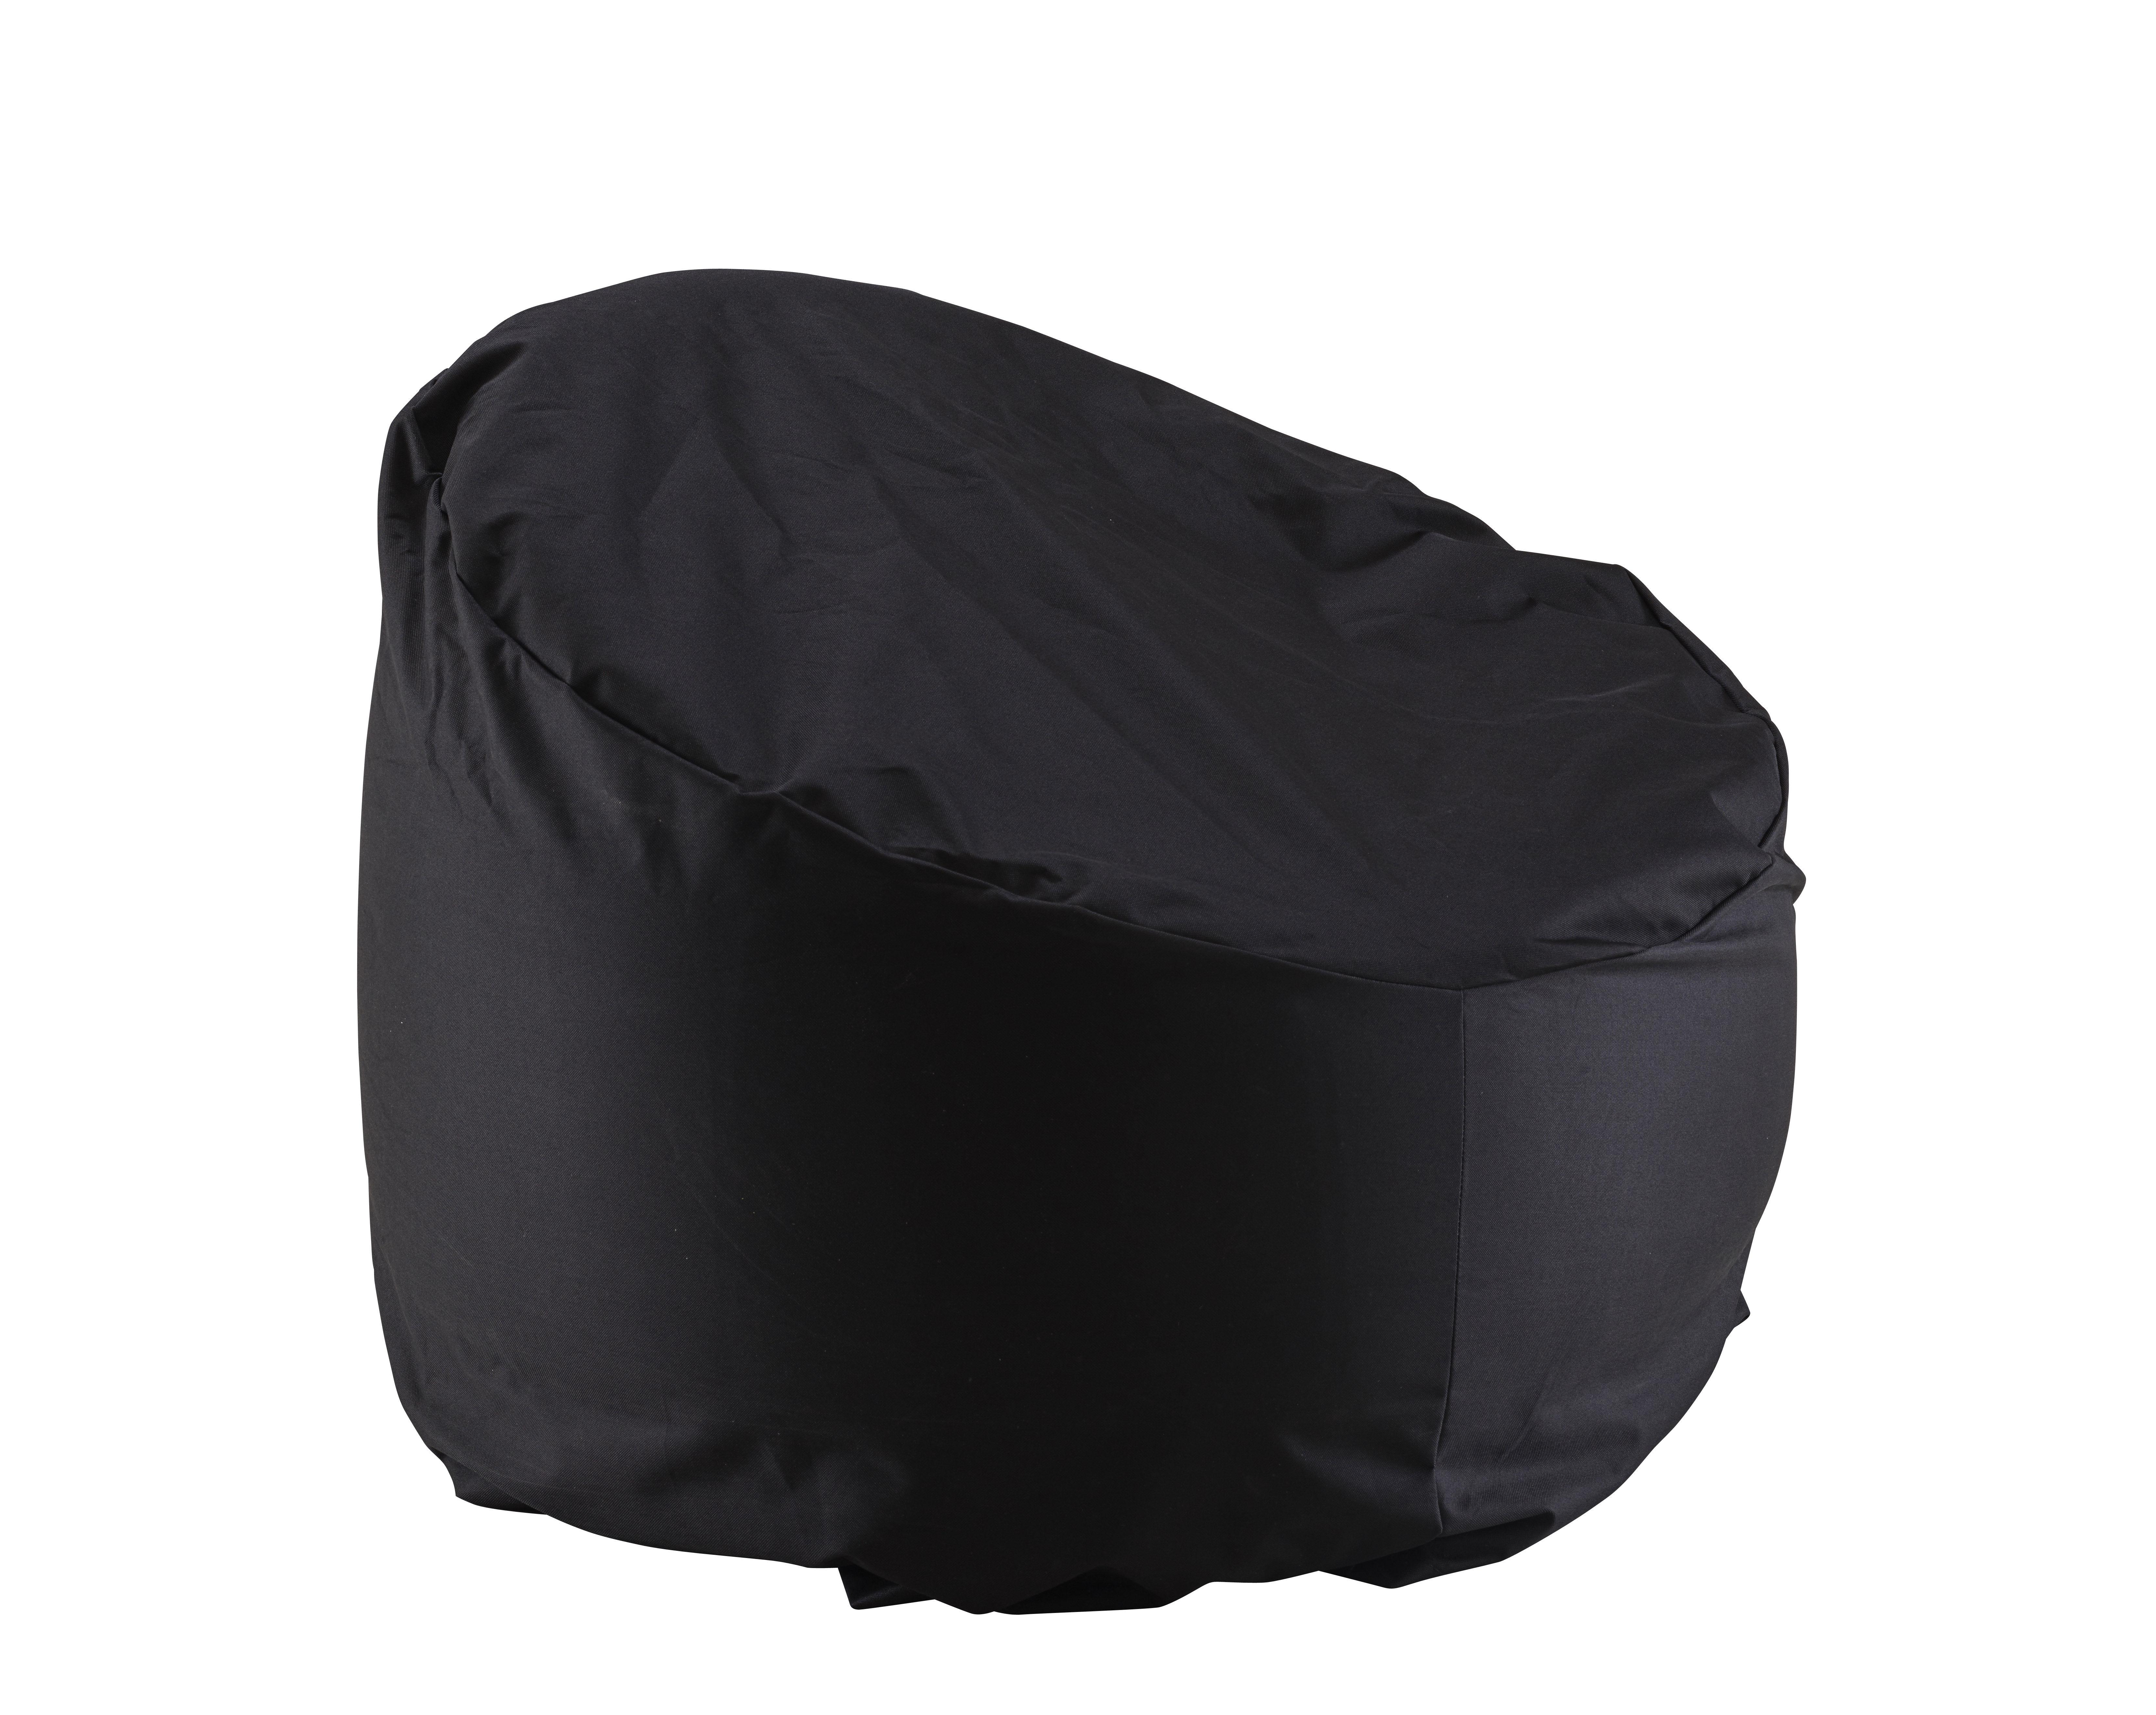 Mobilier - Fauteuils - Housse de protection / Pour fauteuil Ottoman - Cinna - Noir - Nylon renforcé